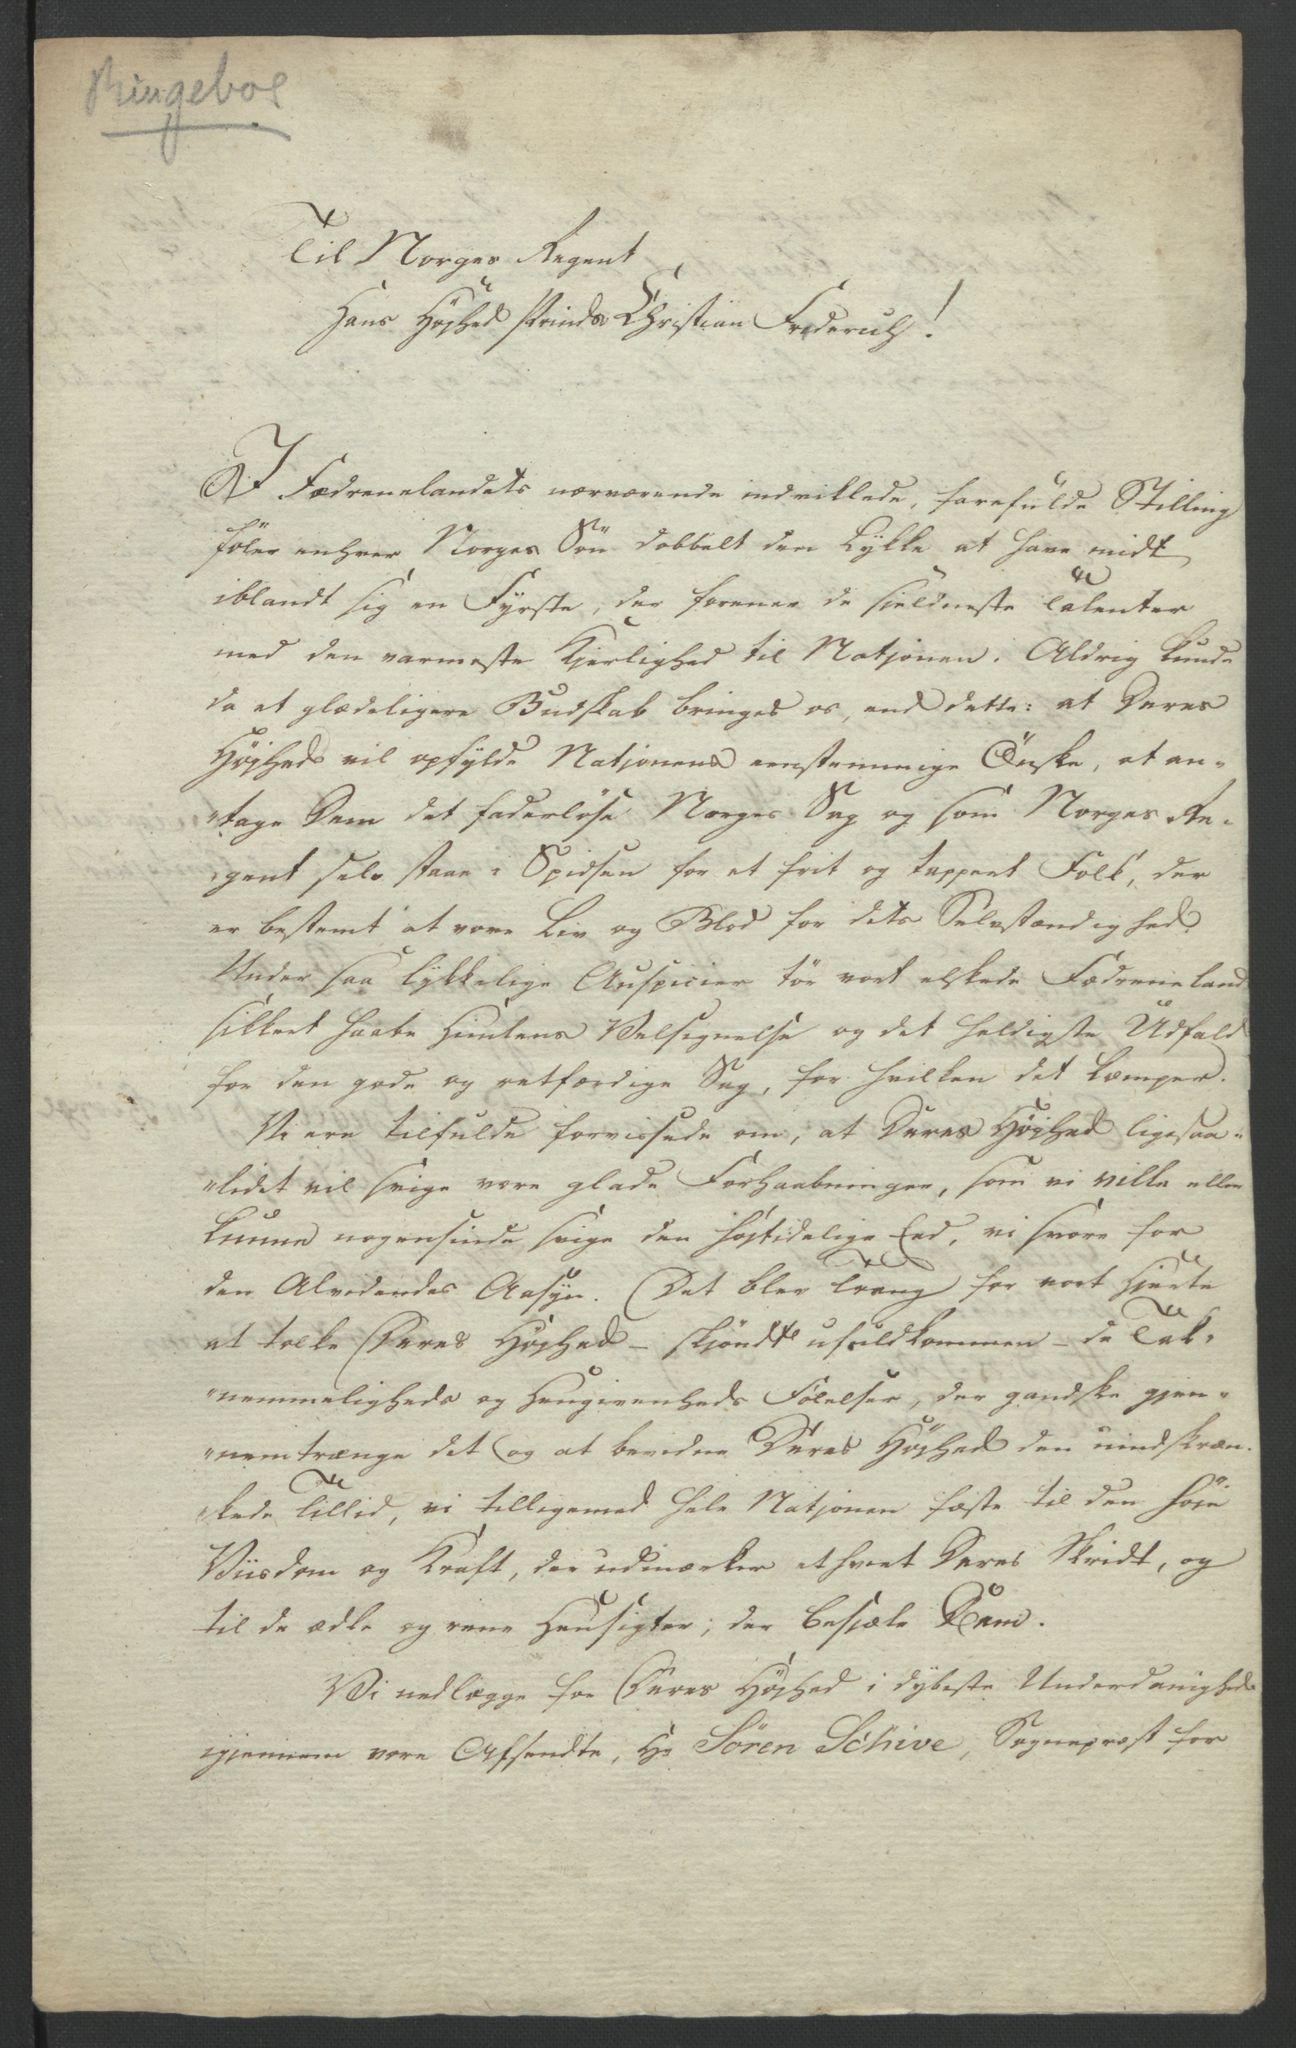 RA, Statsrådssekretariatet, D/Db/L0007: Fullmakter for Eidsvollsrepresentantene i 1814. , 1814, s. 278